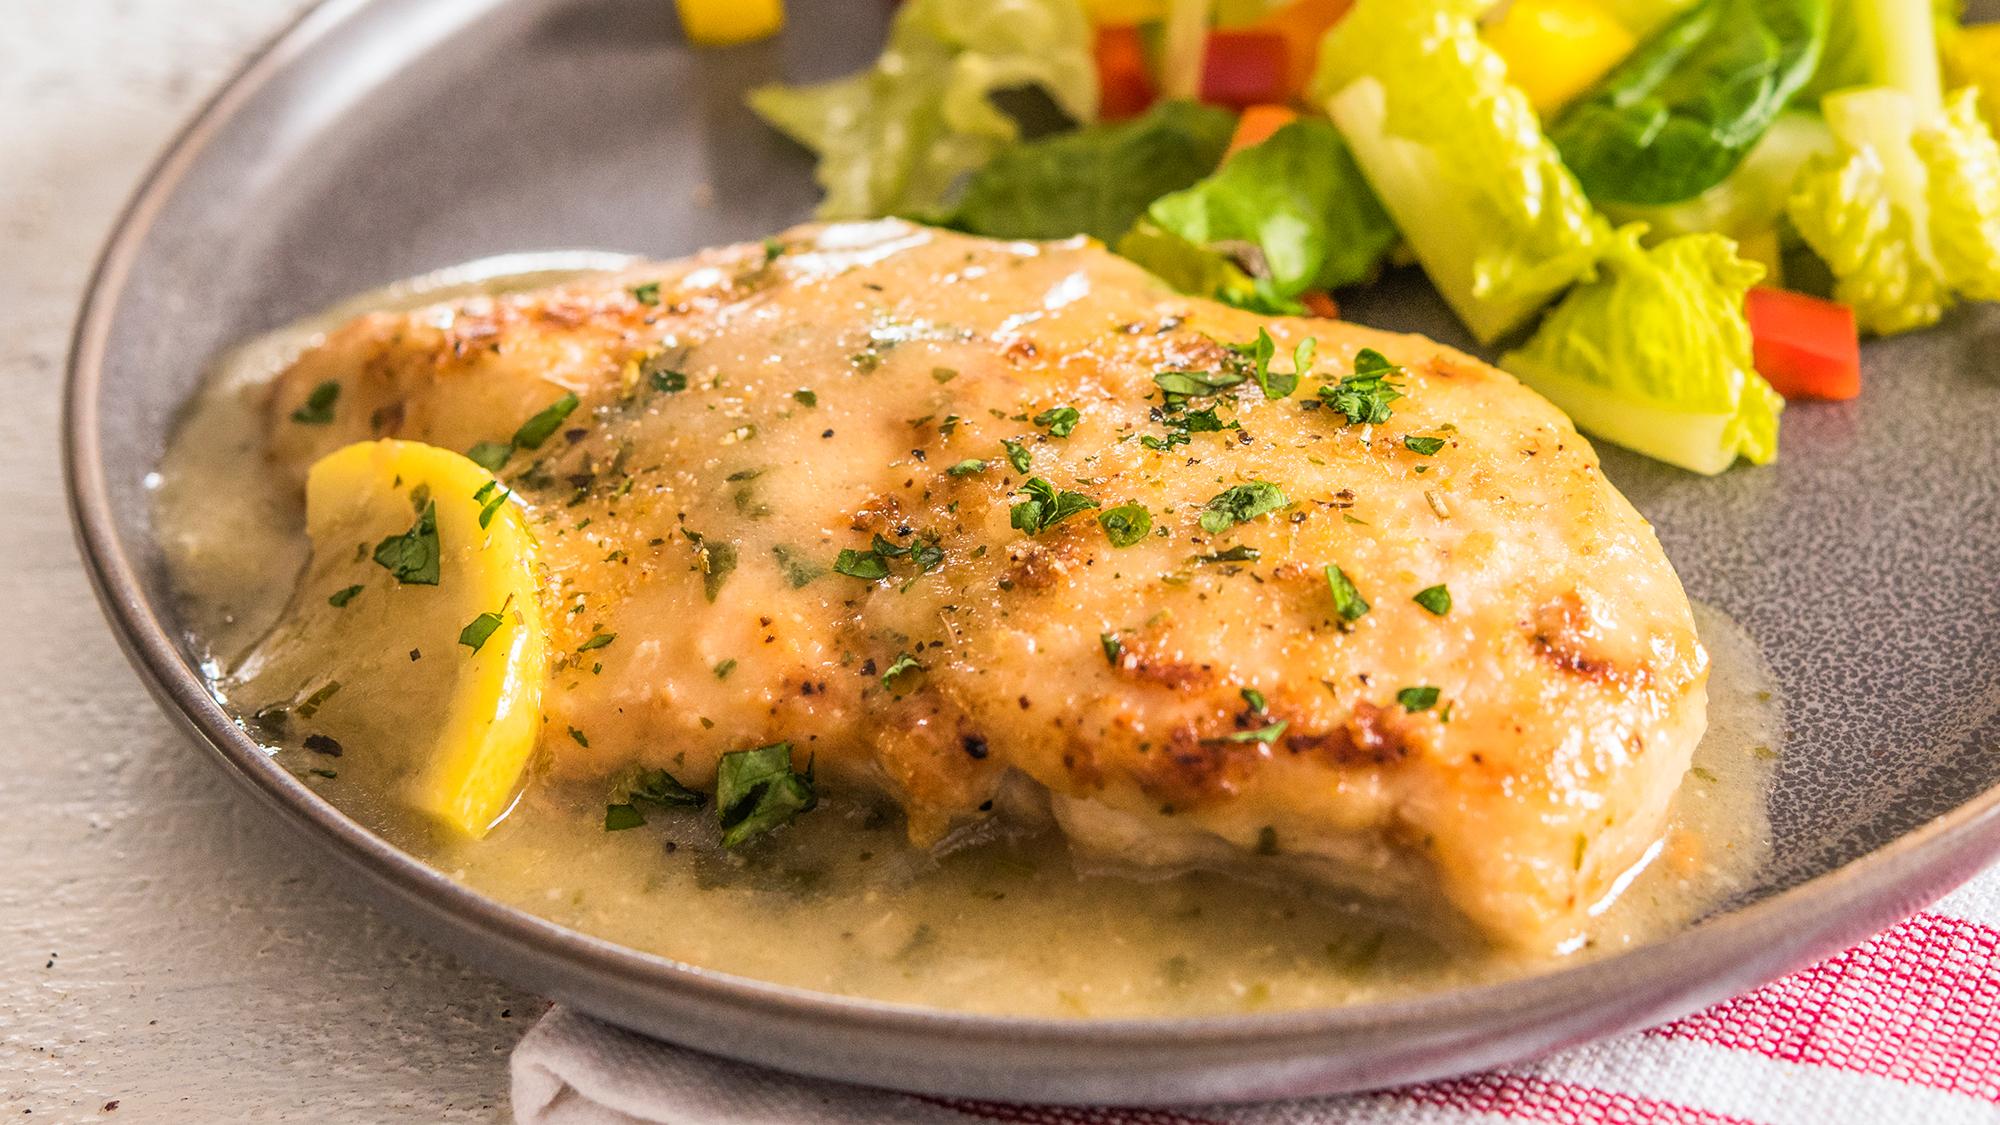 garlic_and_herb_lemon_chicken2000x1125.jpg